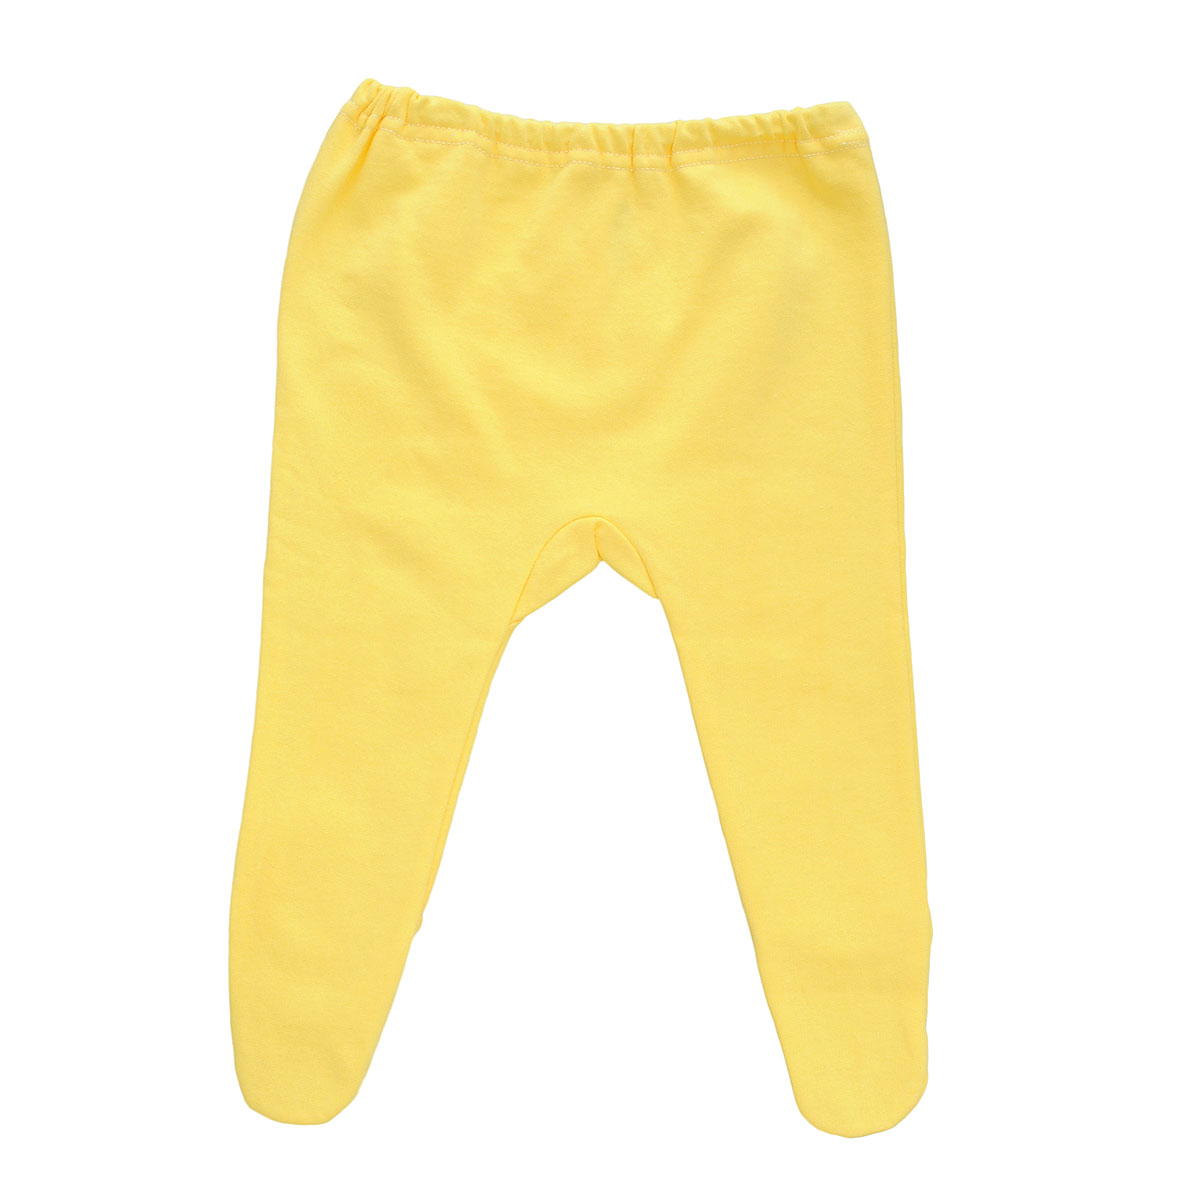 Ползунки Трон-Плюс, цвет: желтый. 5256. Размер 80, 12 месяцев5256Ползунки для новорожденного Трон-Плюс послужат идеальным дополнением к гардеробу вашего ребенка, обеспечивая ему наибольший комфорт.Модель, изготовленная из футерованного полотна - натурального хлопка, необычайно мягкая и легкая, не раздражает нежную кожу ребенка и хорошо вентилируется, а эластичные швы приятны телу малыша и не препятствуют его движениям. Теплые ползунки с закрытыми ножками благодаря мягкому эластичному поясу не сдавливают животик младенца и не сползают, идеально подходят для ношения с подгузником. Они полностью соответствуют особенностям жизни ребенка в ранний период, не стесняя и не ограничивая его в движениях.